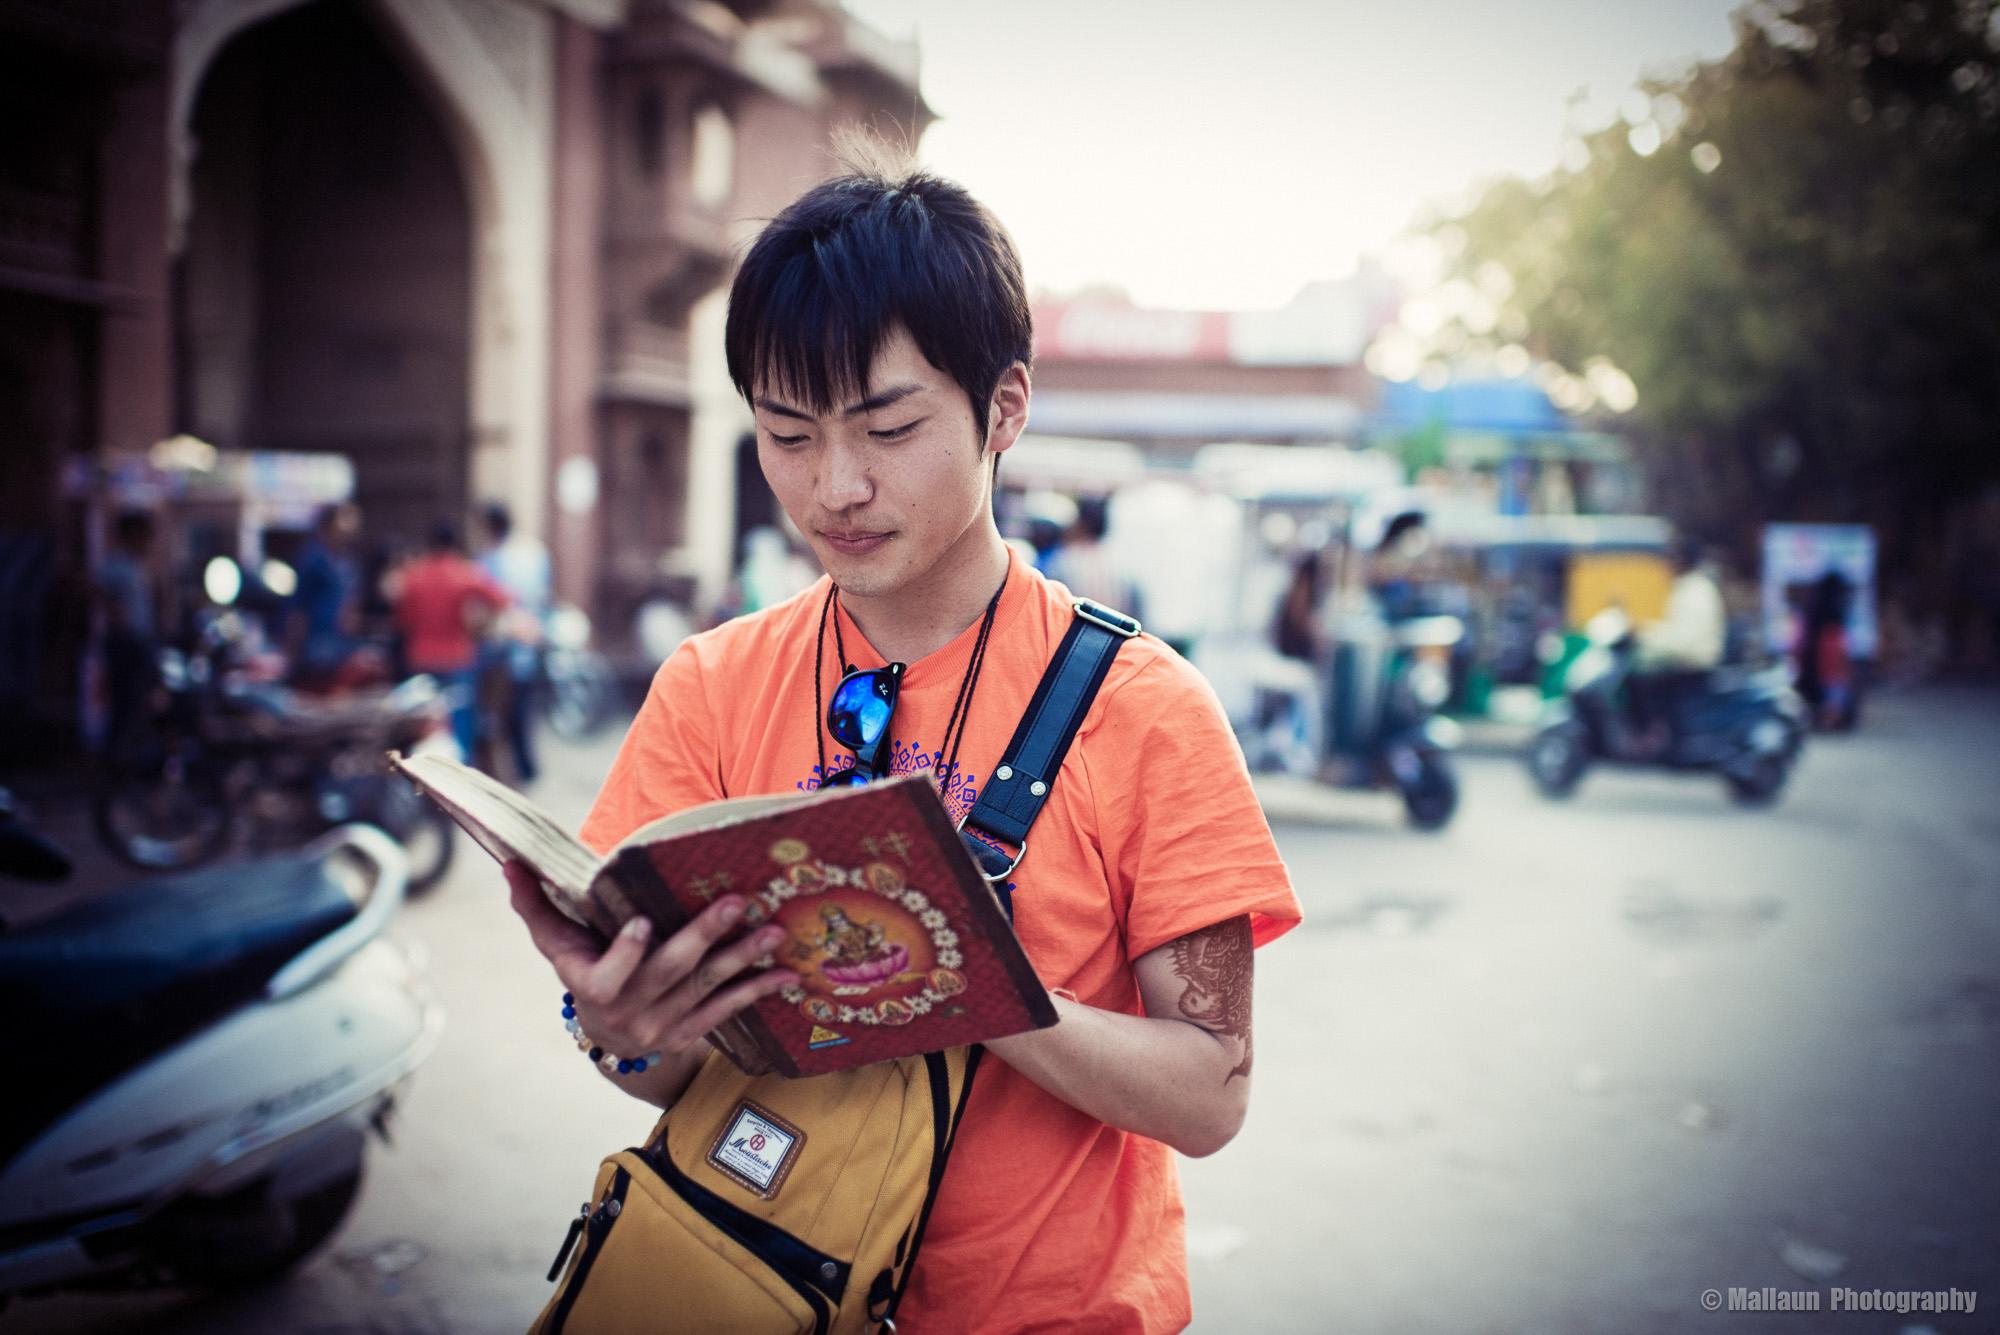 Taku aus Mie in Japan verewigt sich in einem der 48 Gästebücher, die Ramkishan besitzt © Mallaun Photography